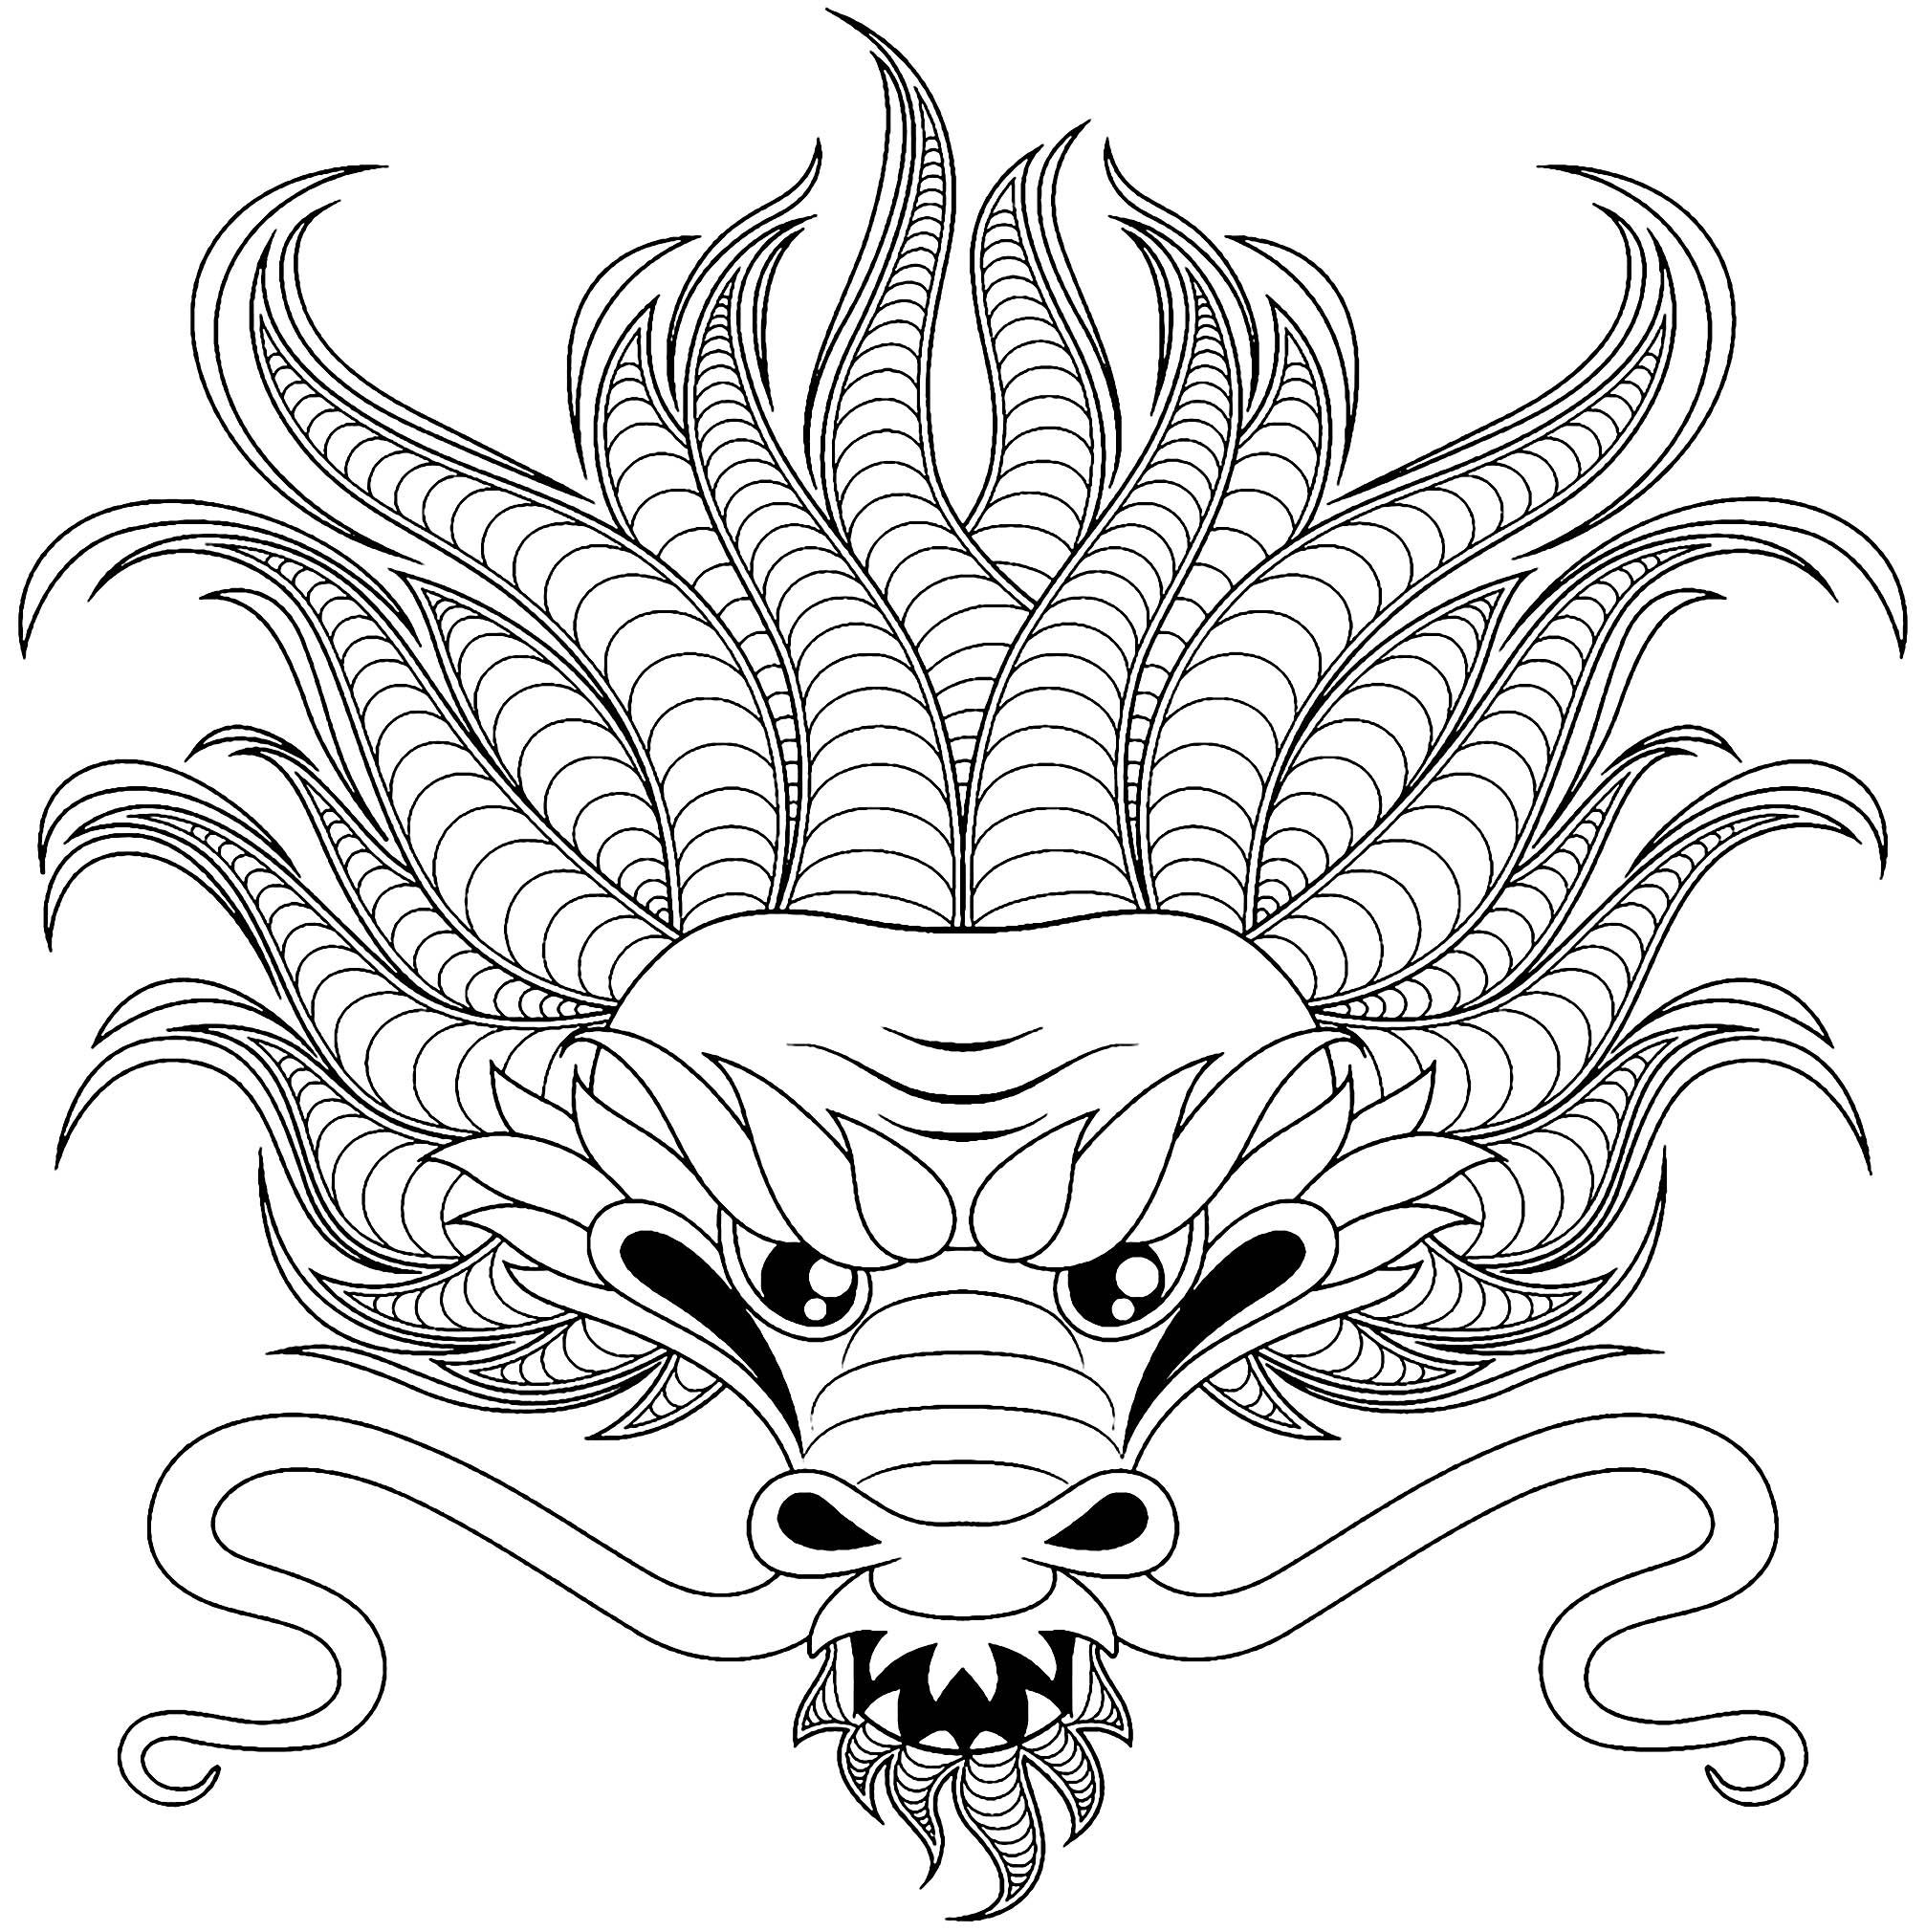 Dragones 81805 | Dragones - Colorear para adultos